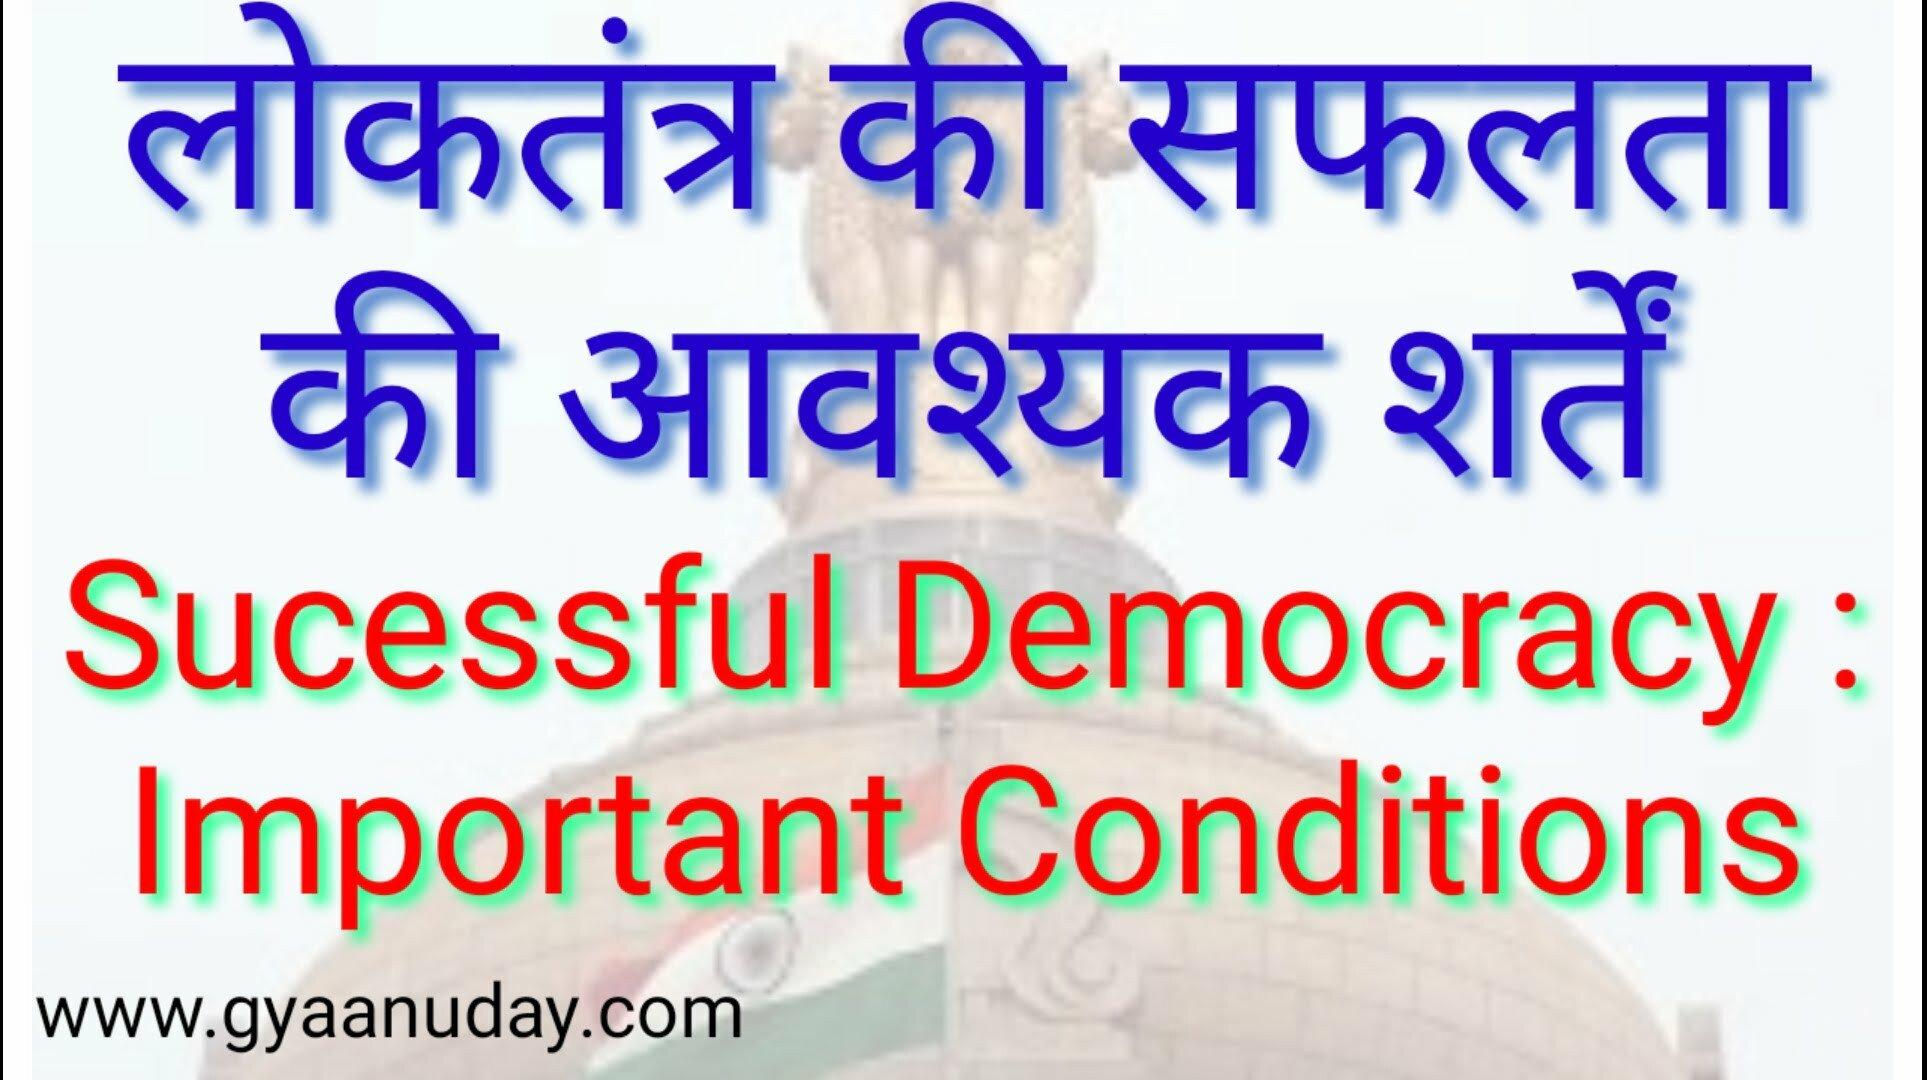 लोकतंत्र की सफलता की शर्तें